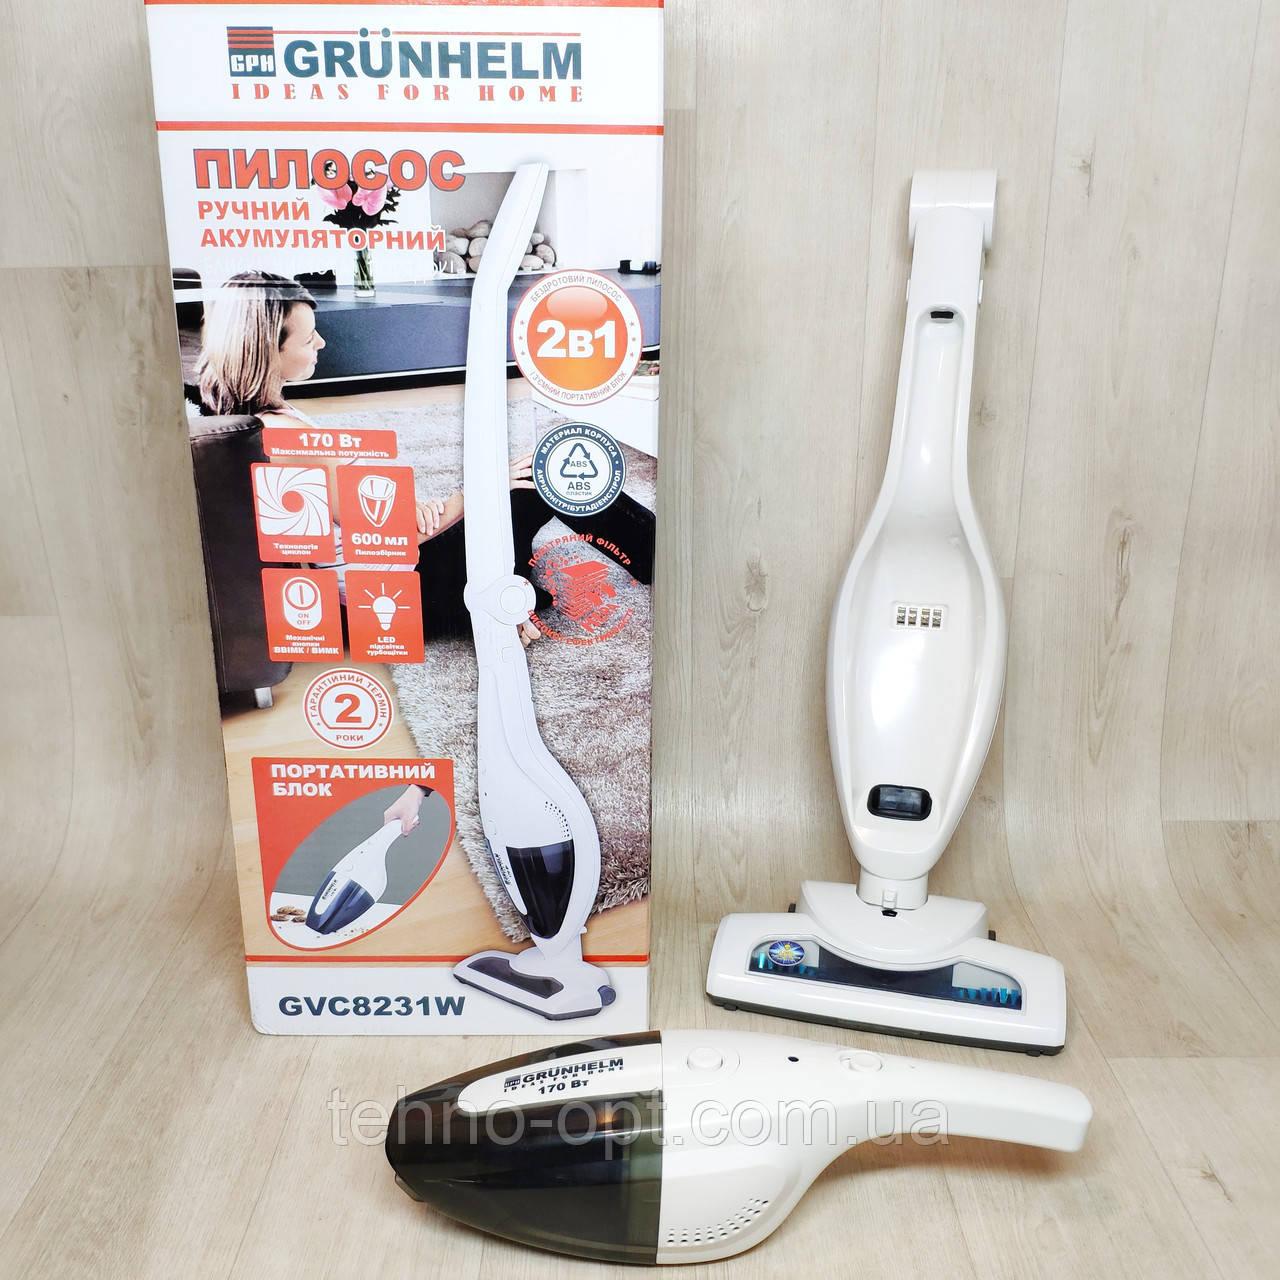 Пылесос ручной аккумуляторный Grunhelm GVC8231W 170W  2в1